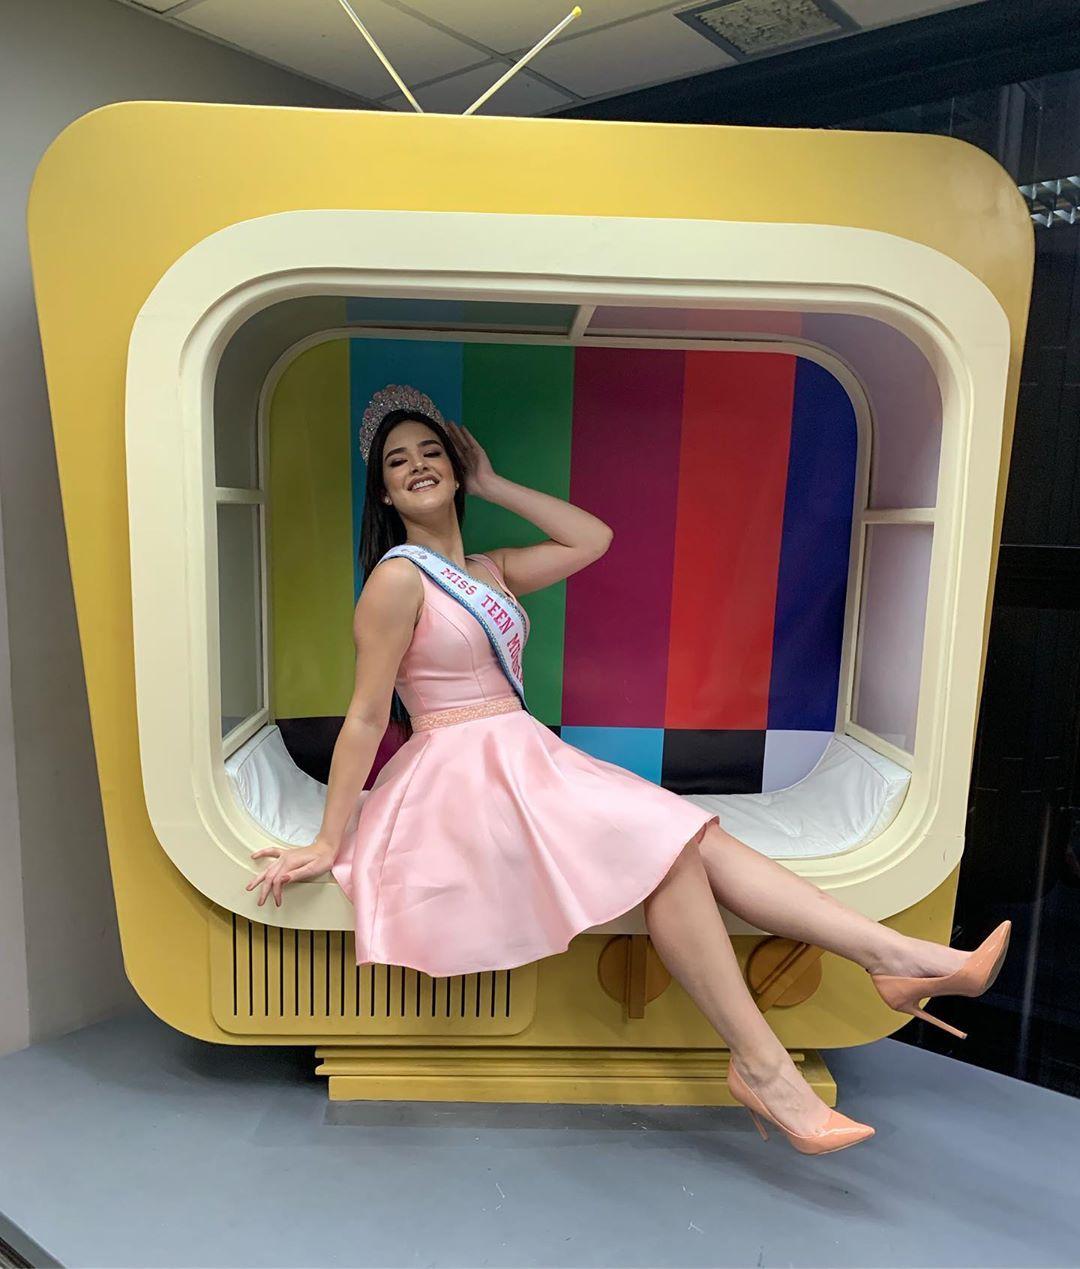 daniela di venere, top 12 de miss teen mundial 2019. 59343110